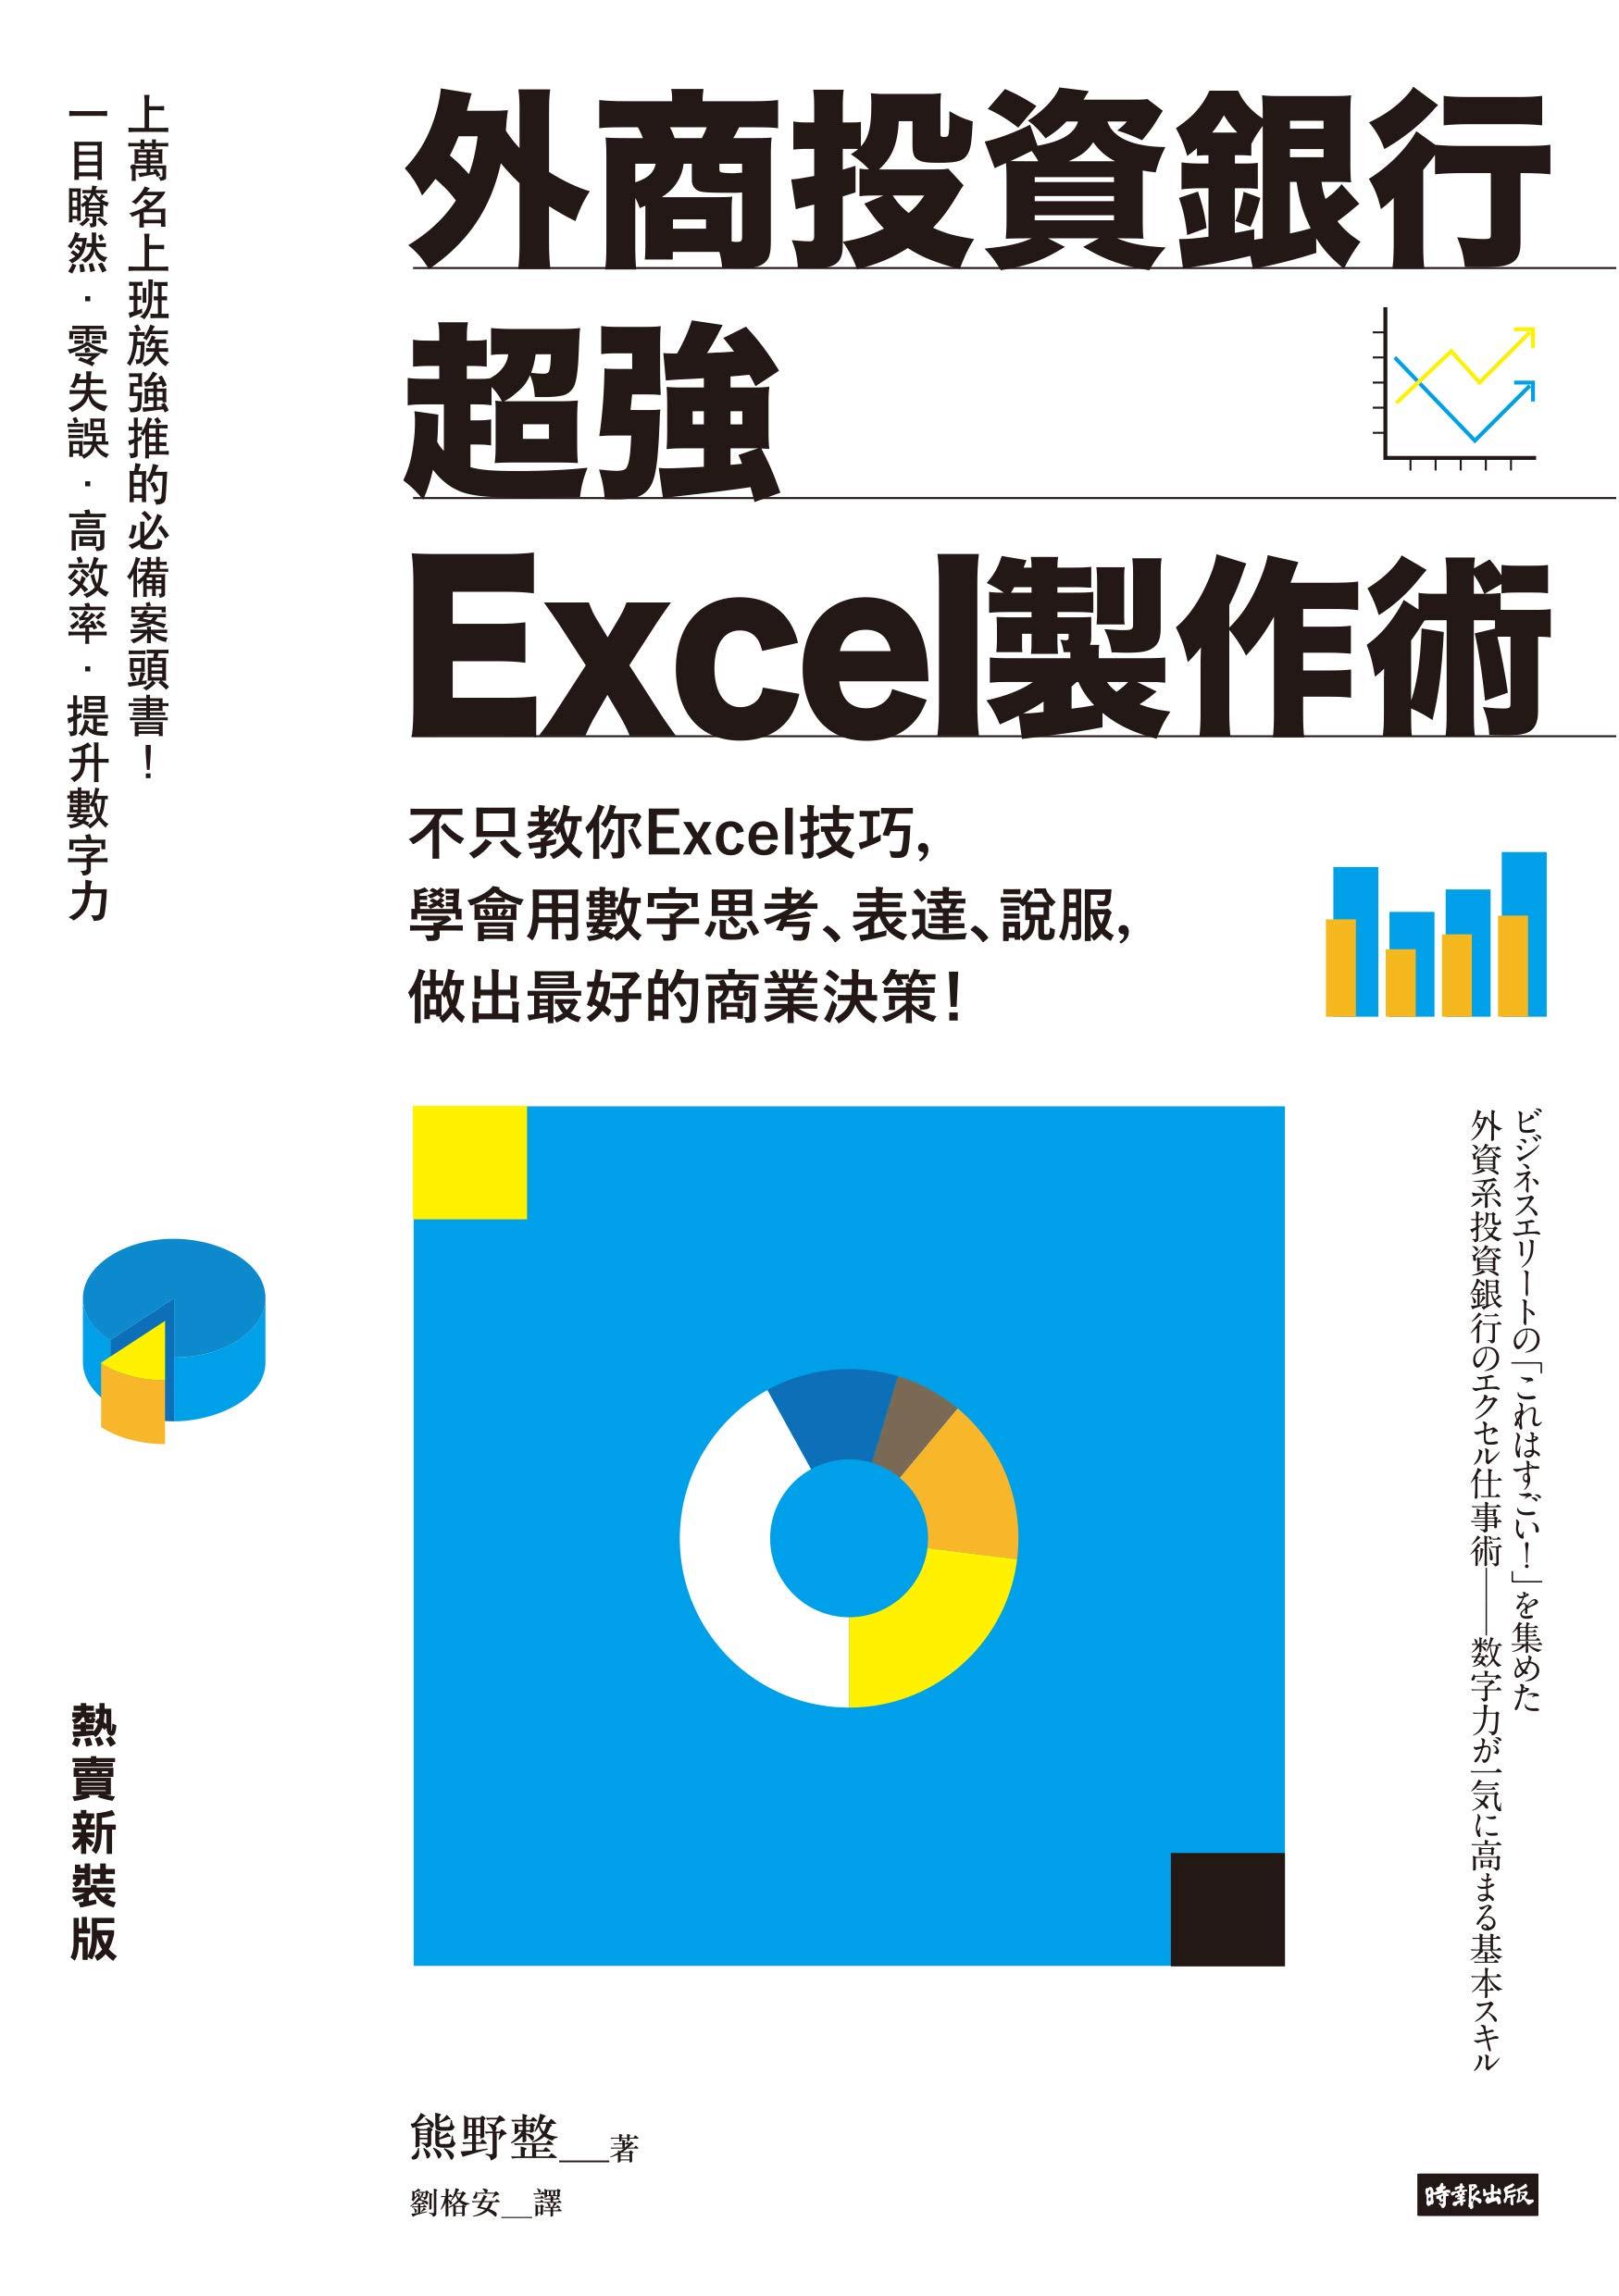 外商投資銀行超強Excel製作術: ビジネスエリートの「これはすごい!」を集めた外資系投資銀行のエクセル仕事術──数字力が一気に高まる基本スキル (Traditional Chinese Edition)